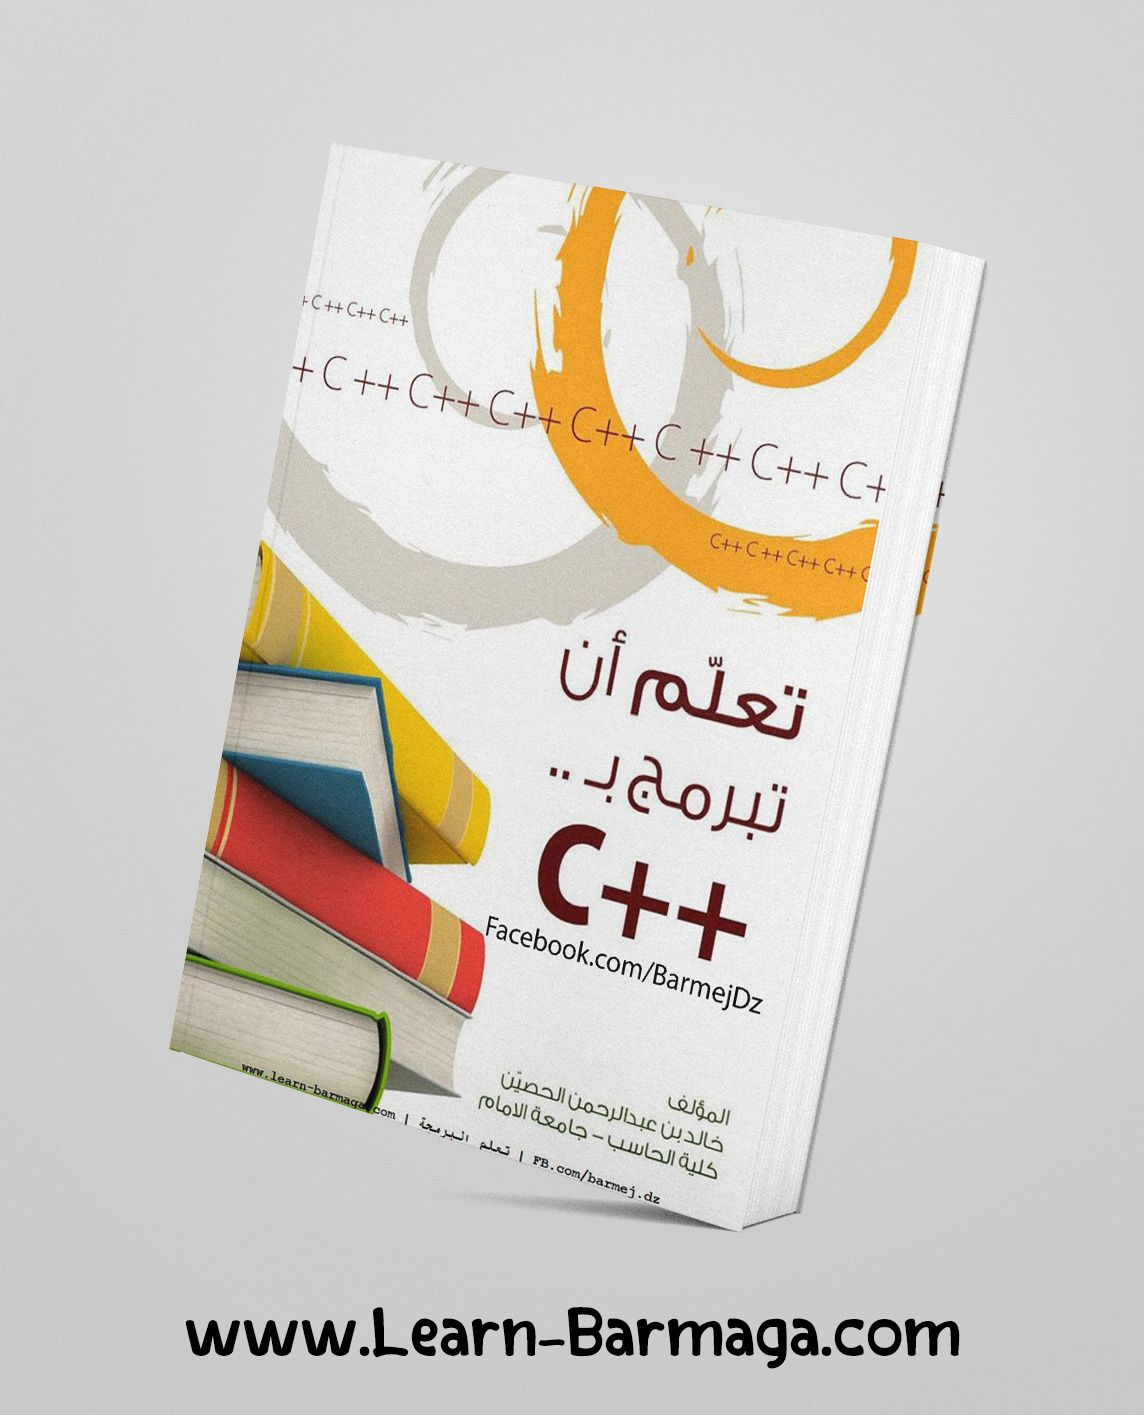 أفضل كتاب لتعلم البرمجة بلغة سي بلس بلس يتناول هذا الكتاب لغة C C بأسلوب تدريسي وبشكل تفصيلي جدا حيث يستطيع منه المبتدأ ج Learn Programming Learning Ebook